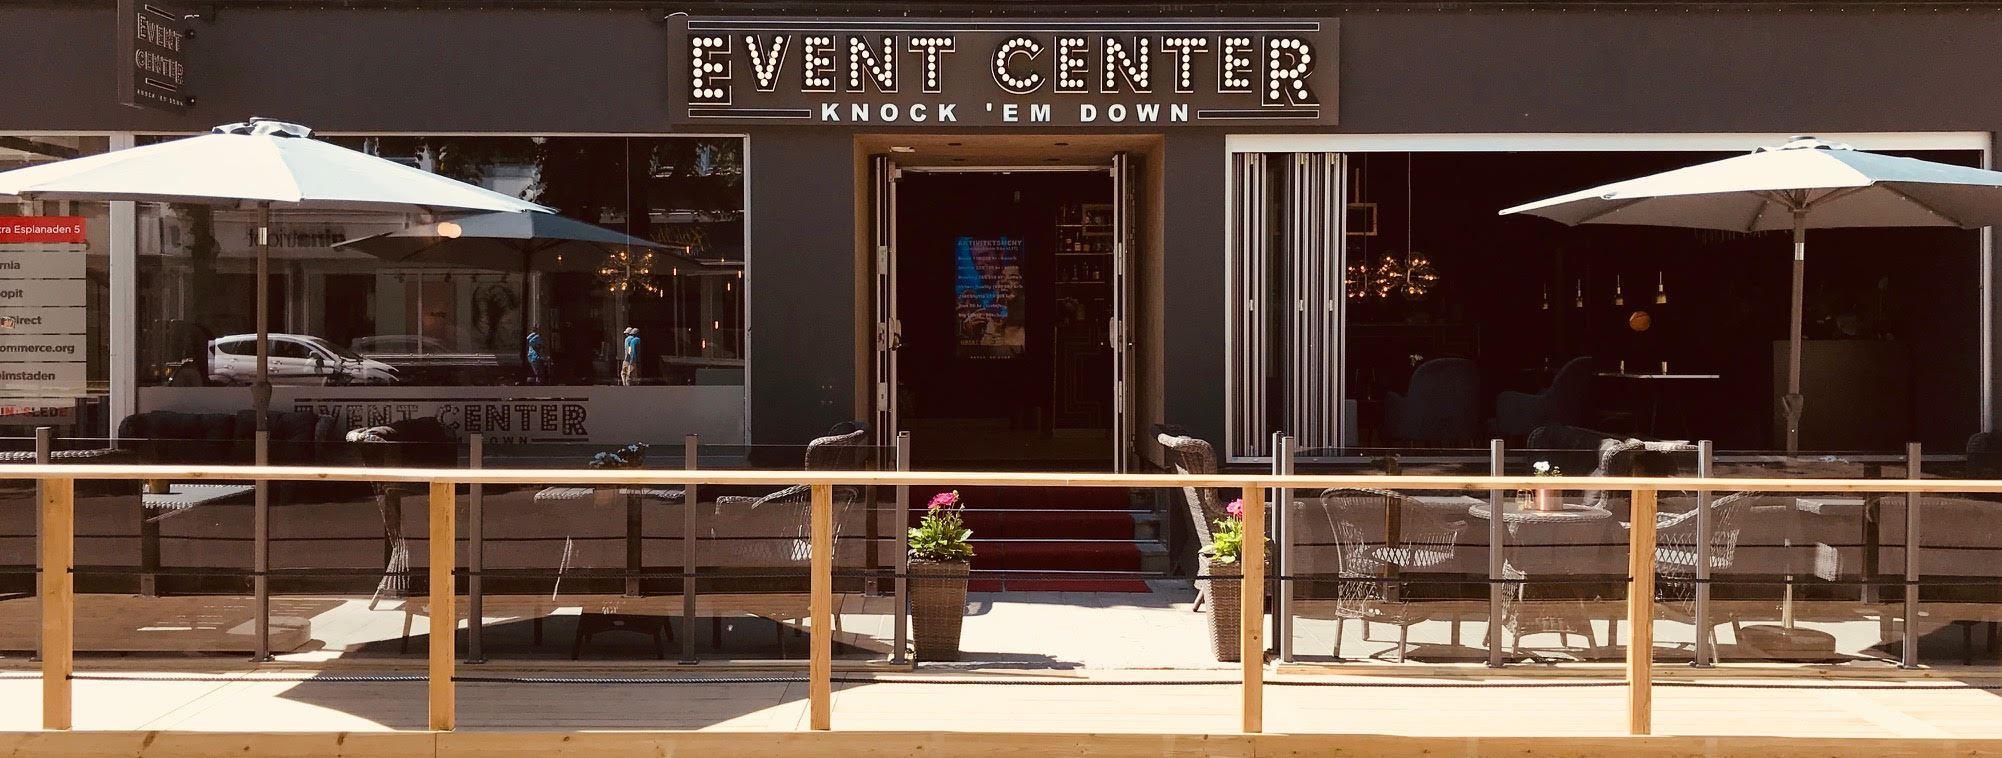 Event Center Knock 'em down